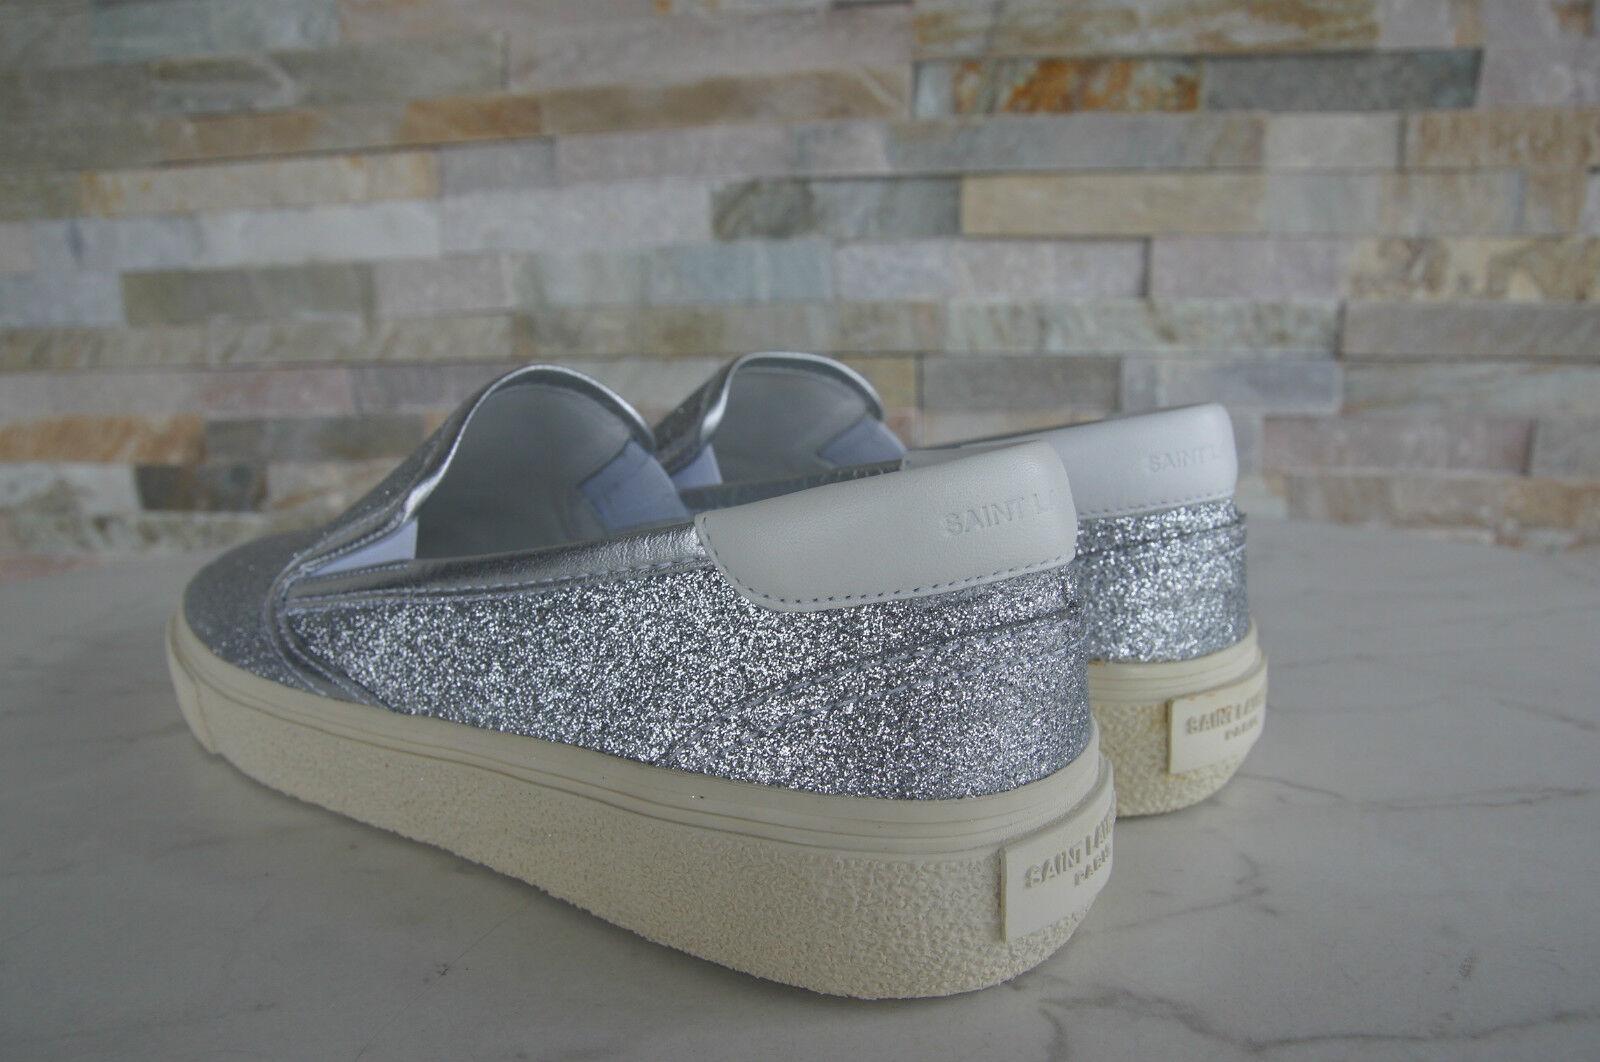 Saint Laurent Gr 43 zapatos resbalón de mocasines zapatillas zapatos nuevos zapatos 43 d71f8d